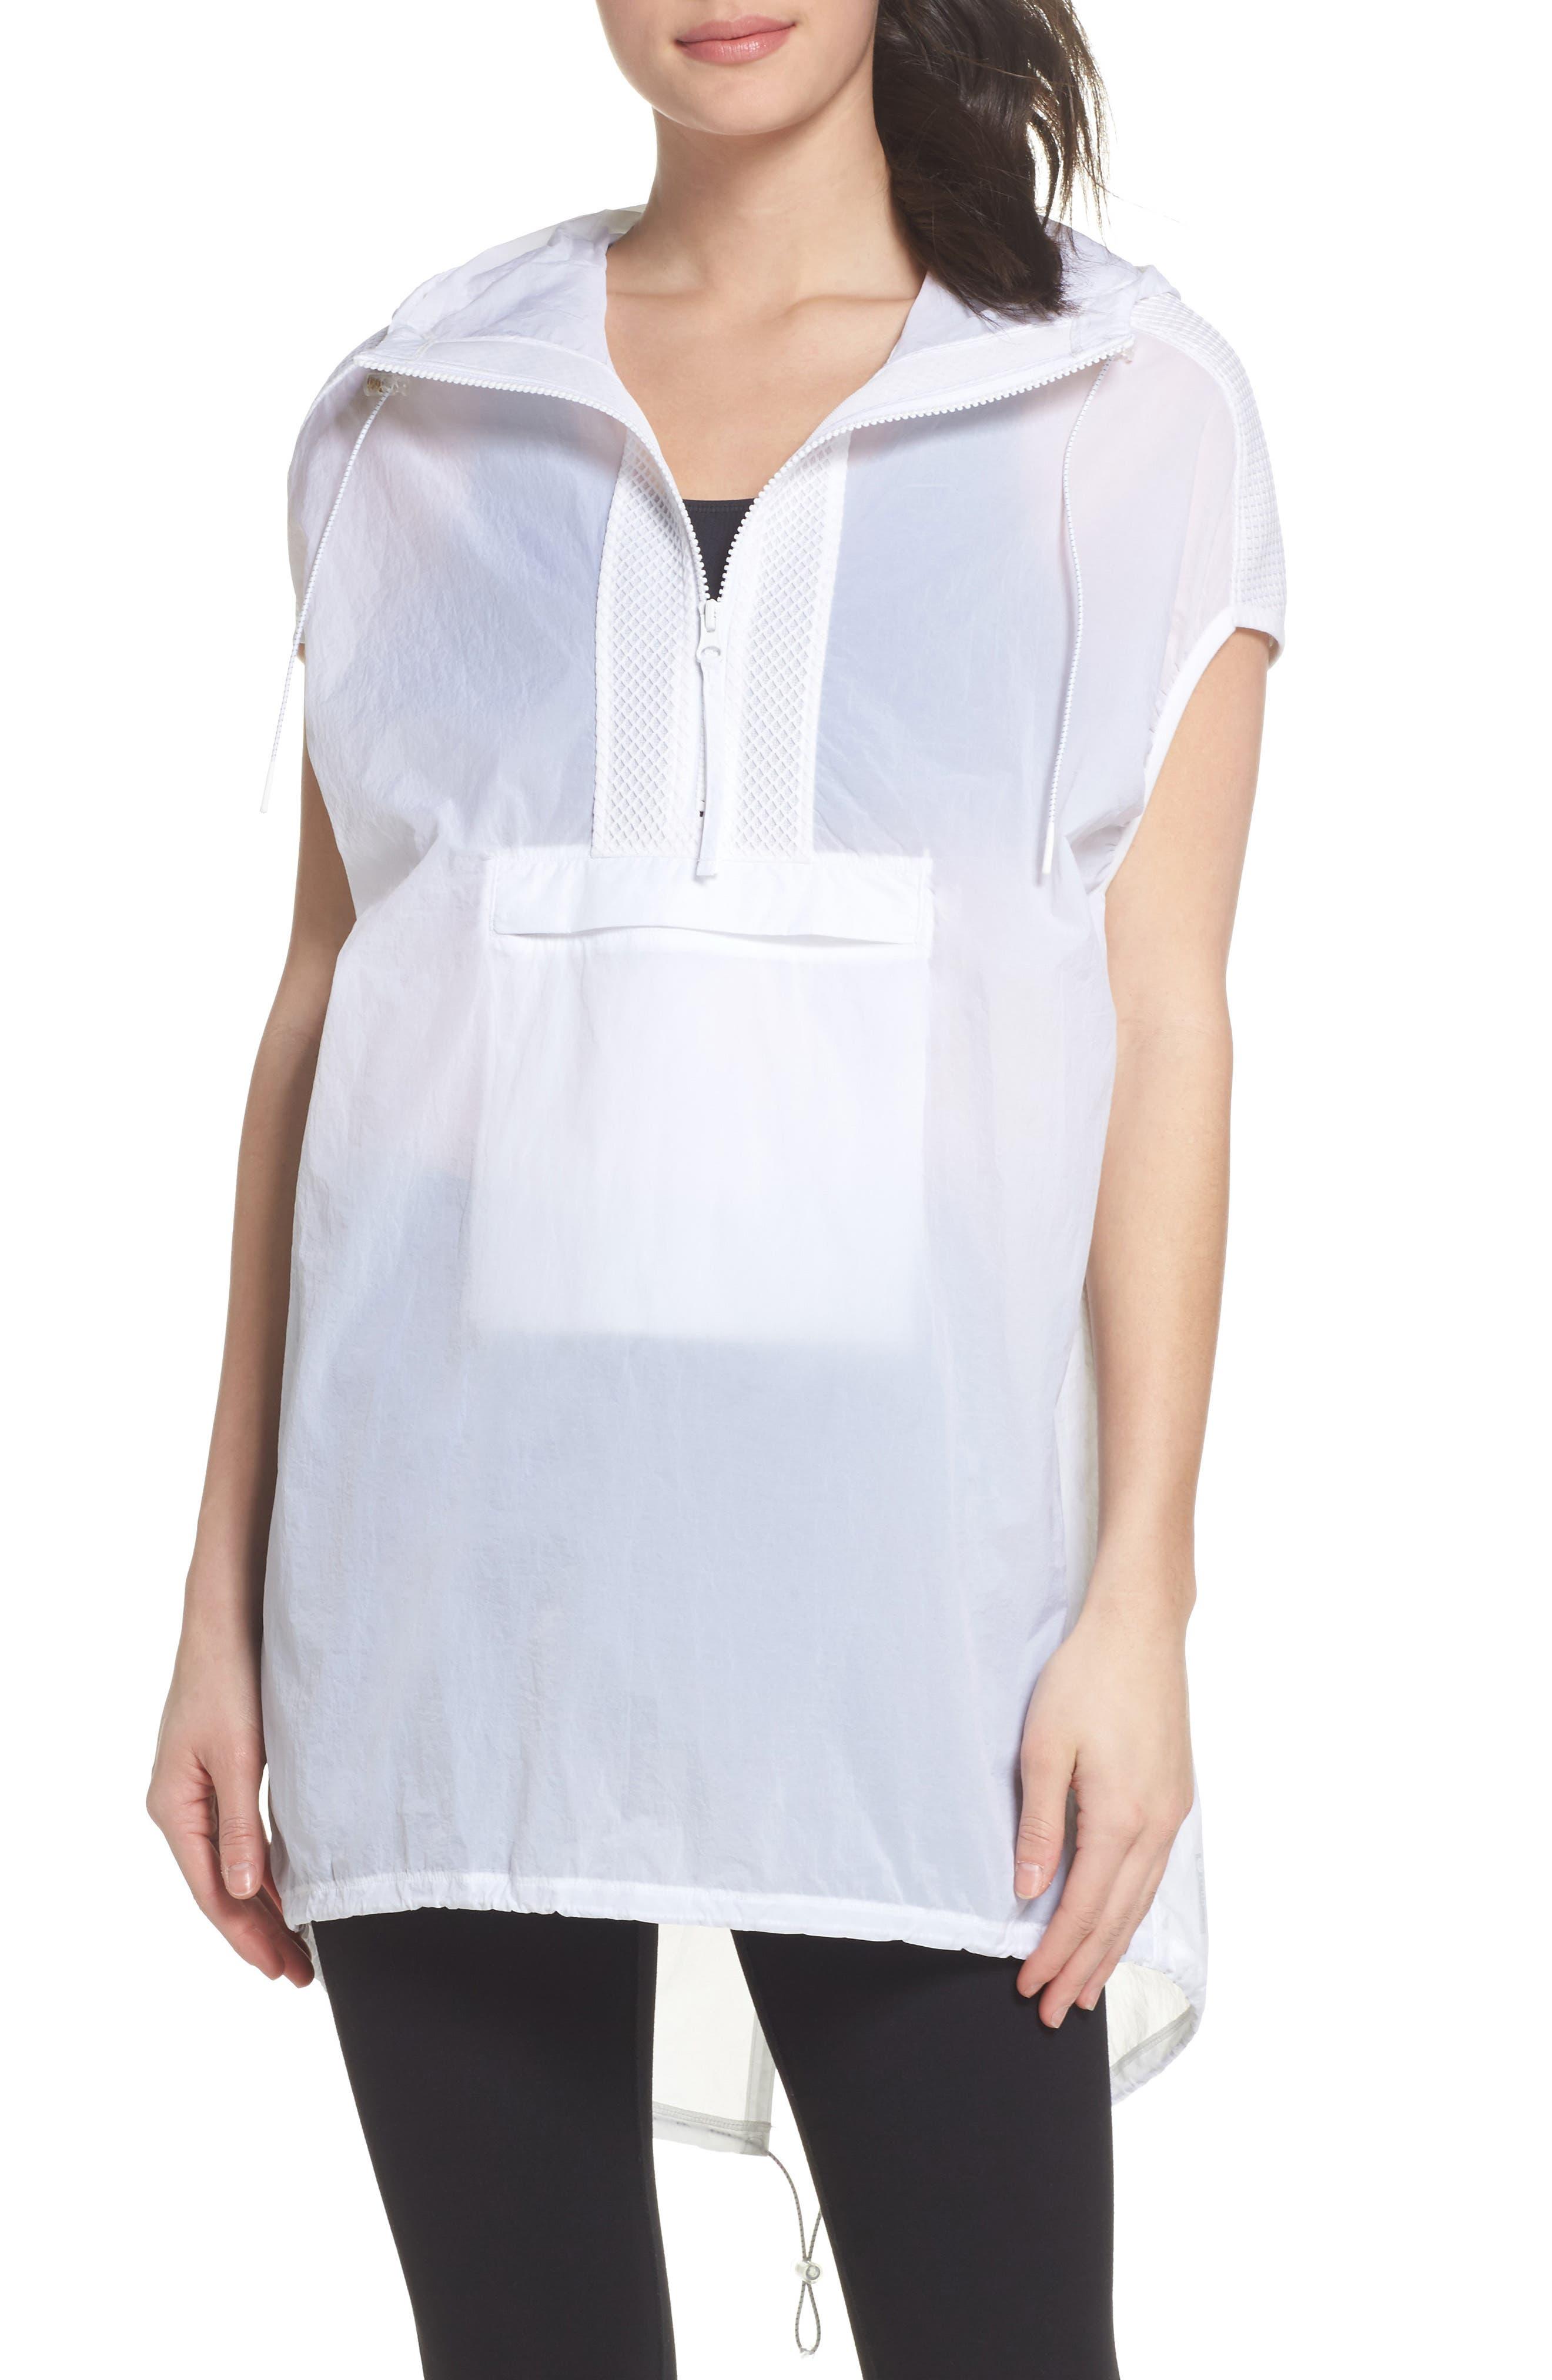 Zella Gen Vive Hooded Vest